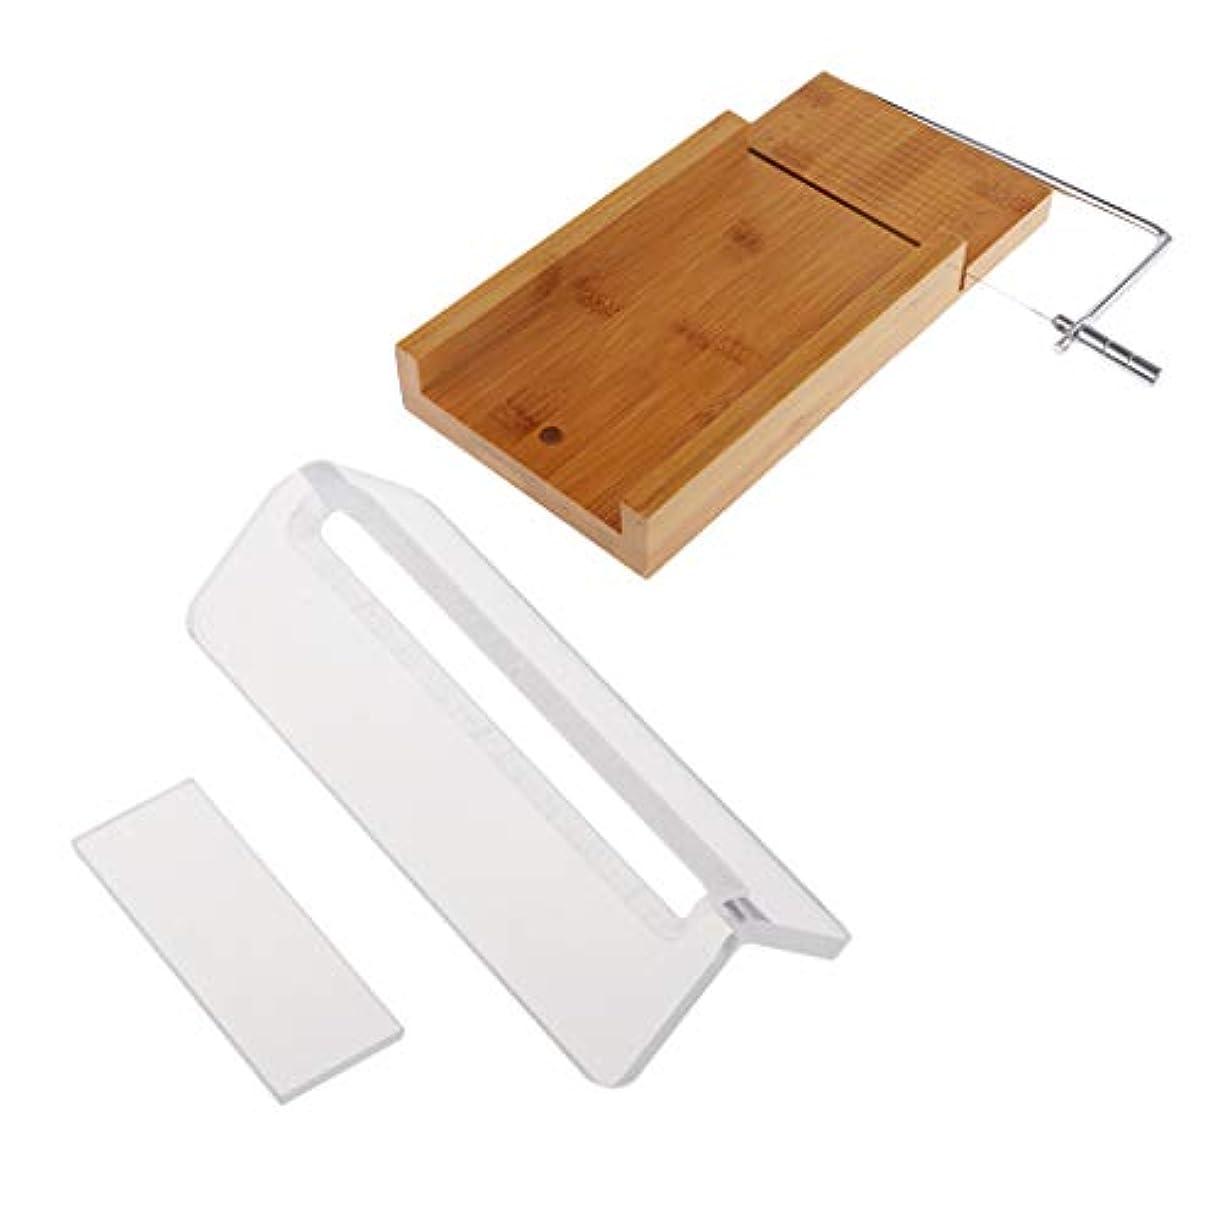 ページ免疫不振石鹸カッター 木製 ローフカッター チーズカッター ソープカッター ステンレス鋼線 2個入り